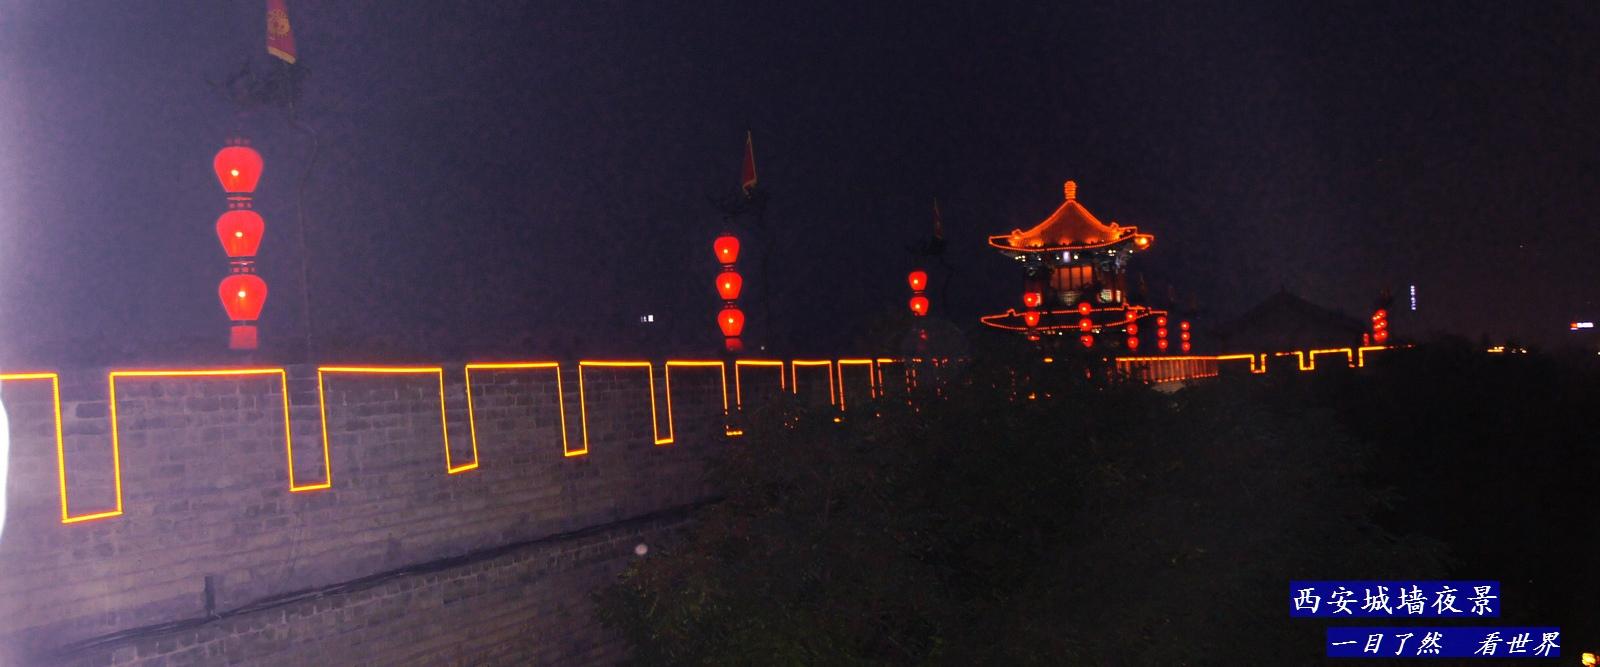 西安城墙夜景-08-1600.jpg